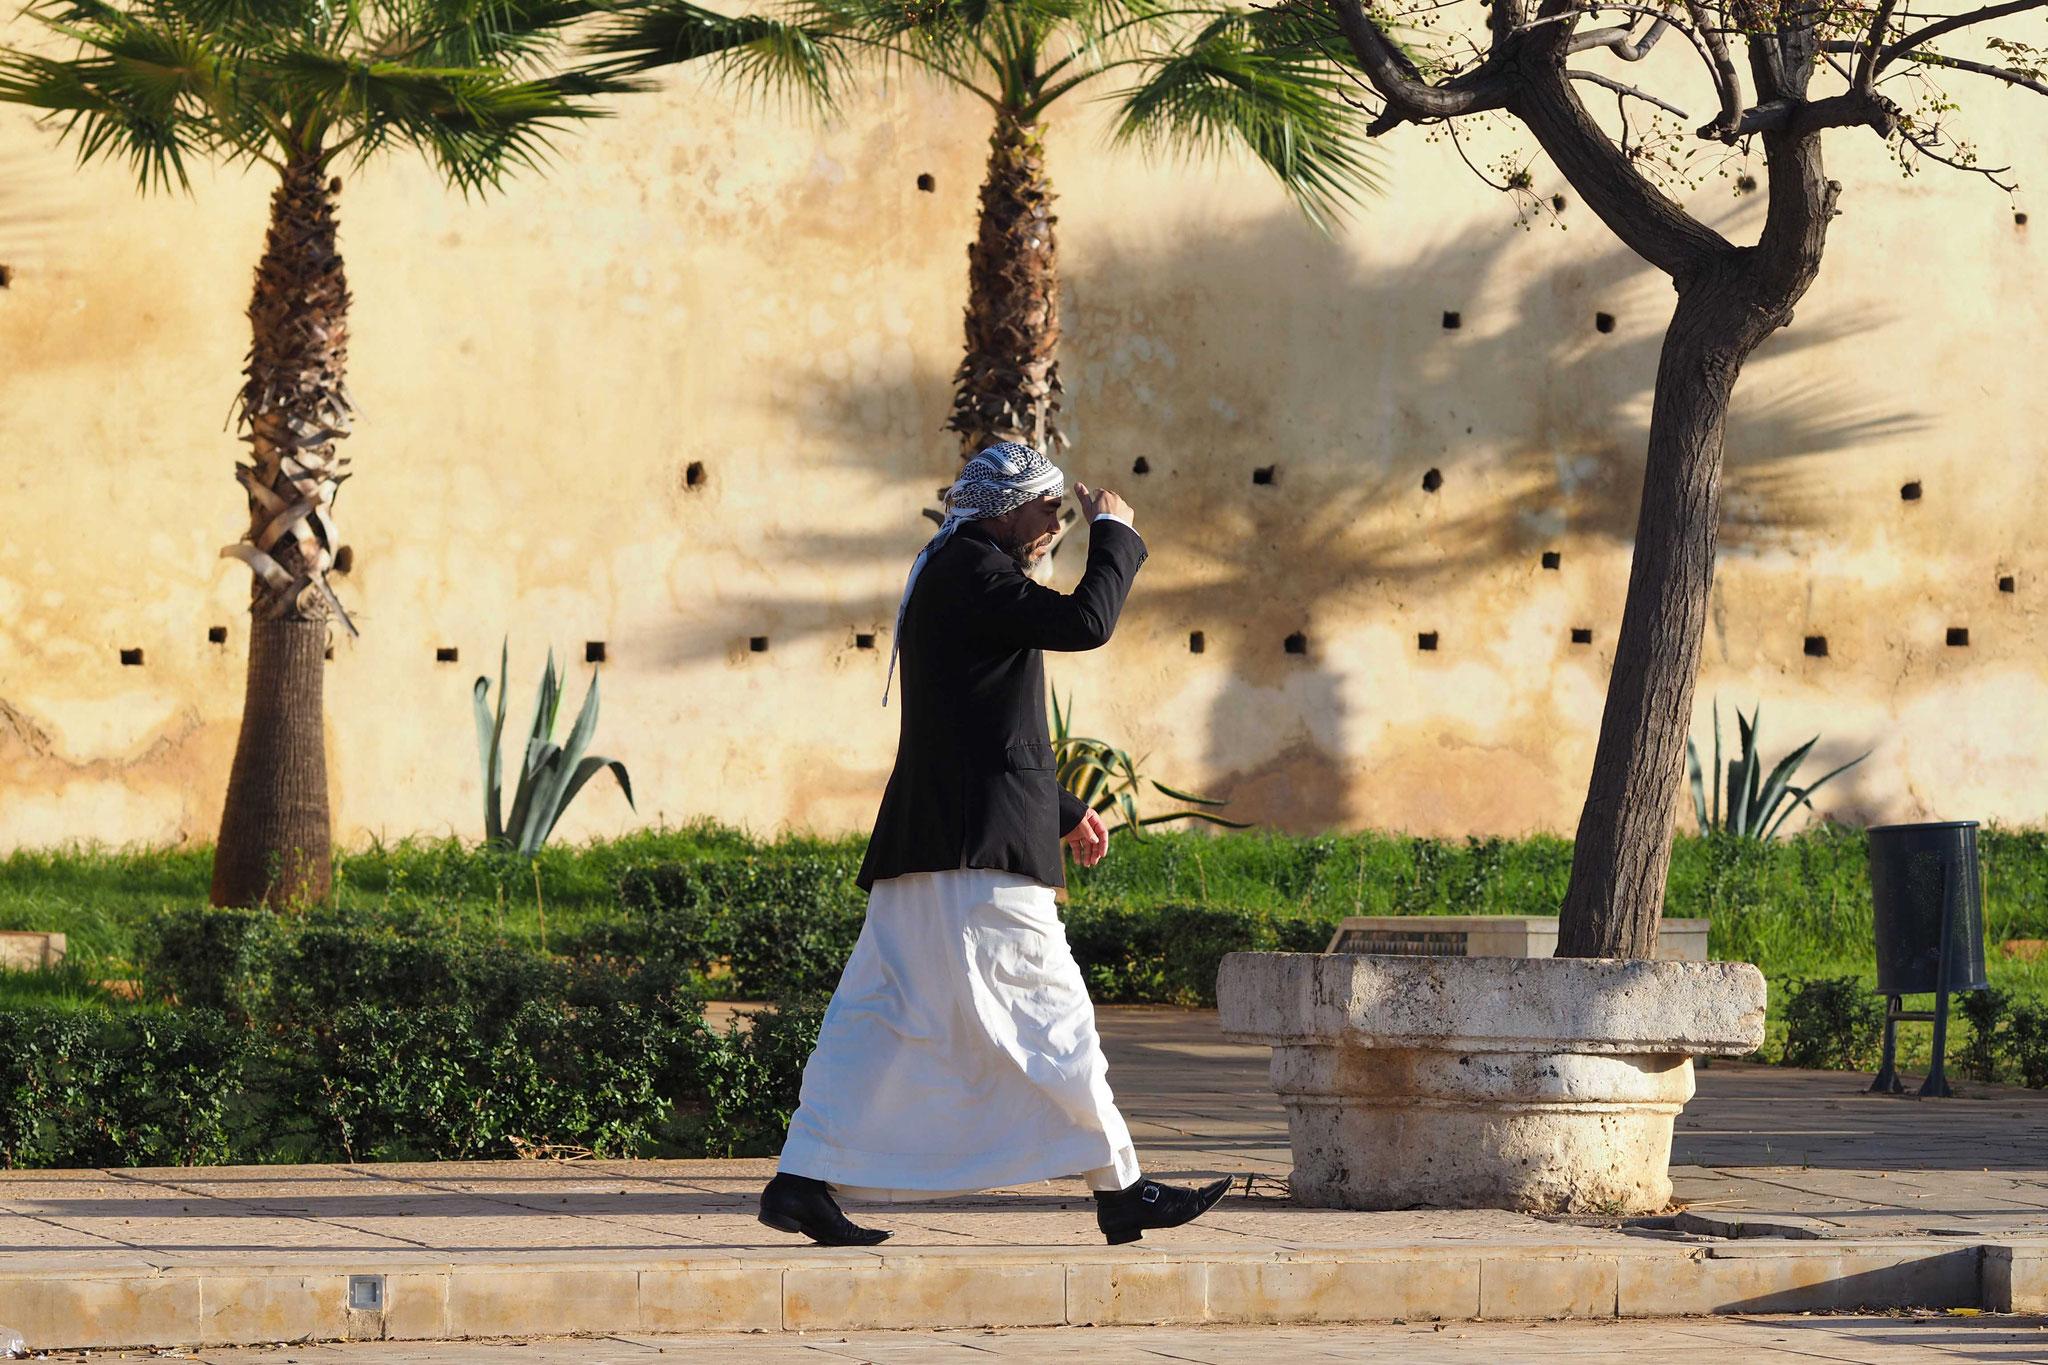 Quand tu as le style - Meknès - Maroc